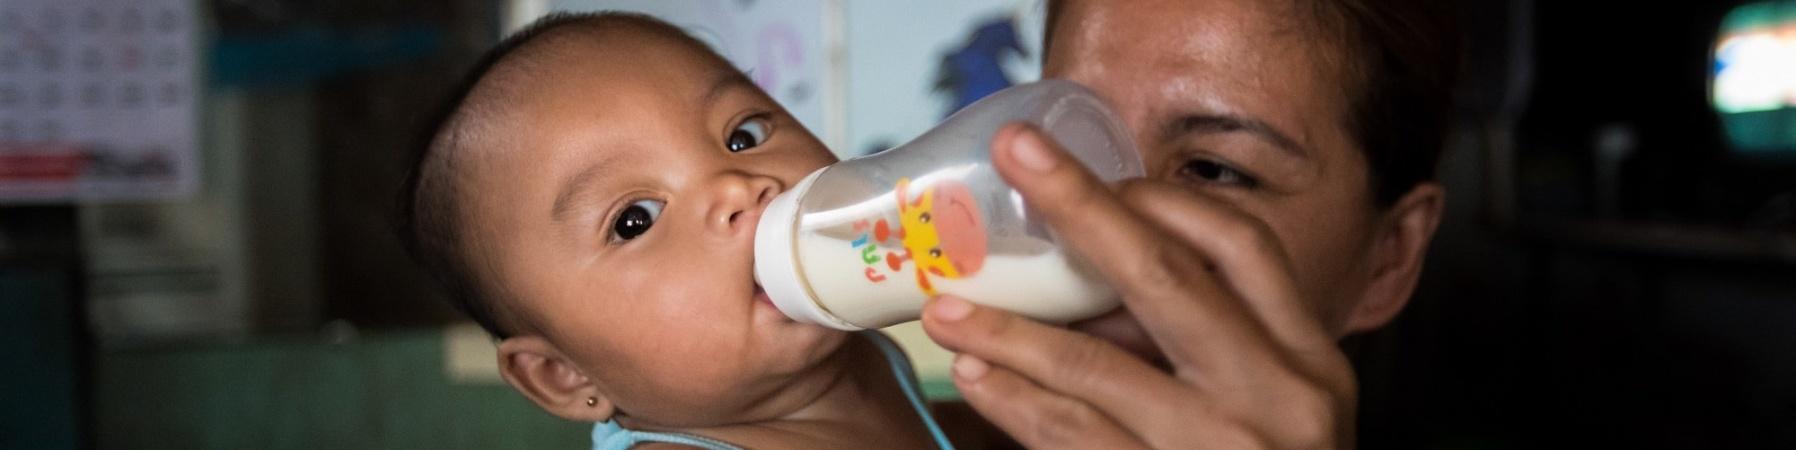 primo piano di mamma che allatta con biberon il suo piccolo figlio vestito di azzurro